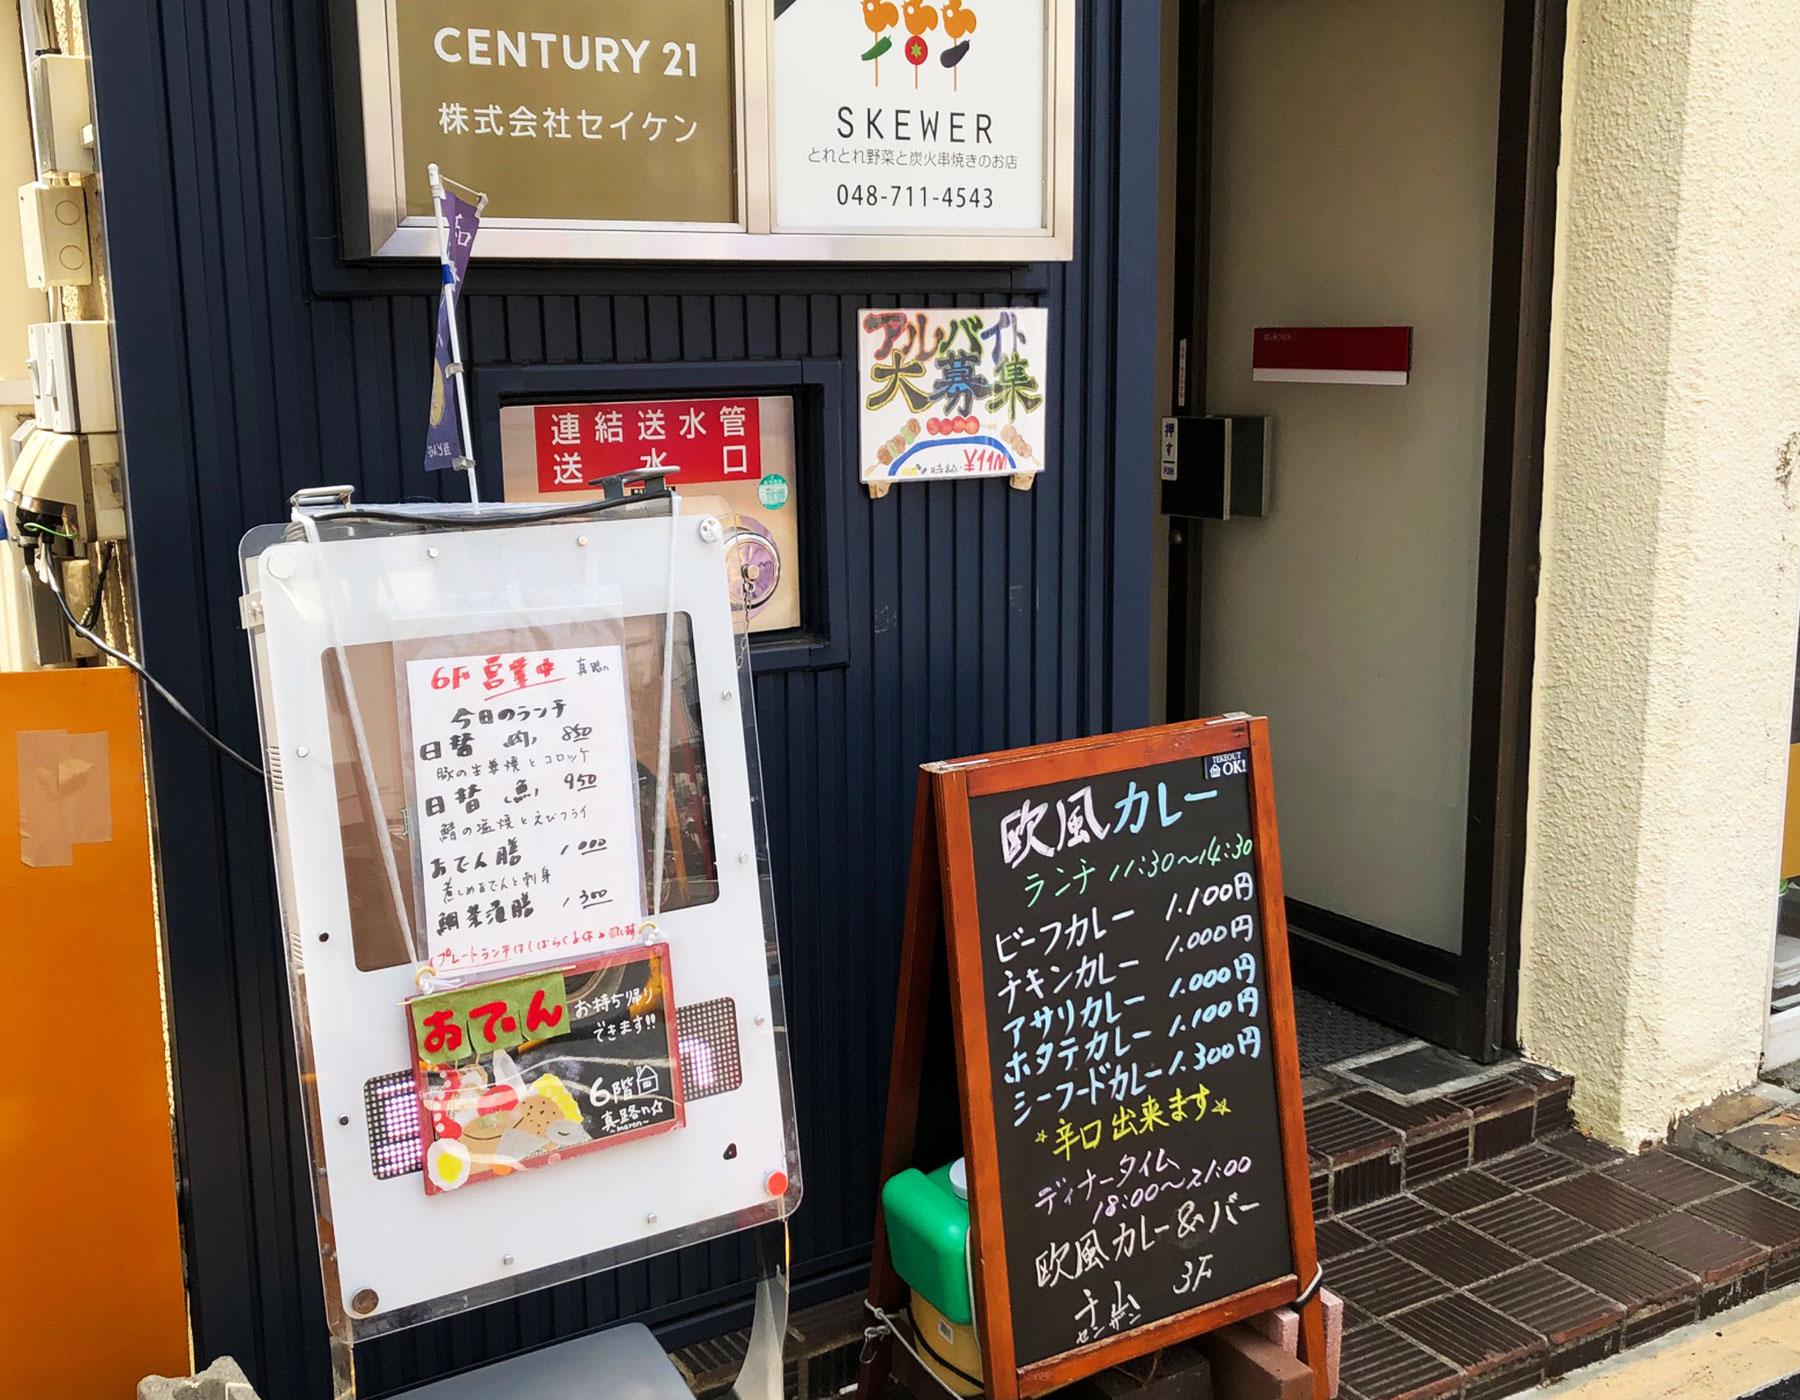 真路nの入居する雑居ビルの入口